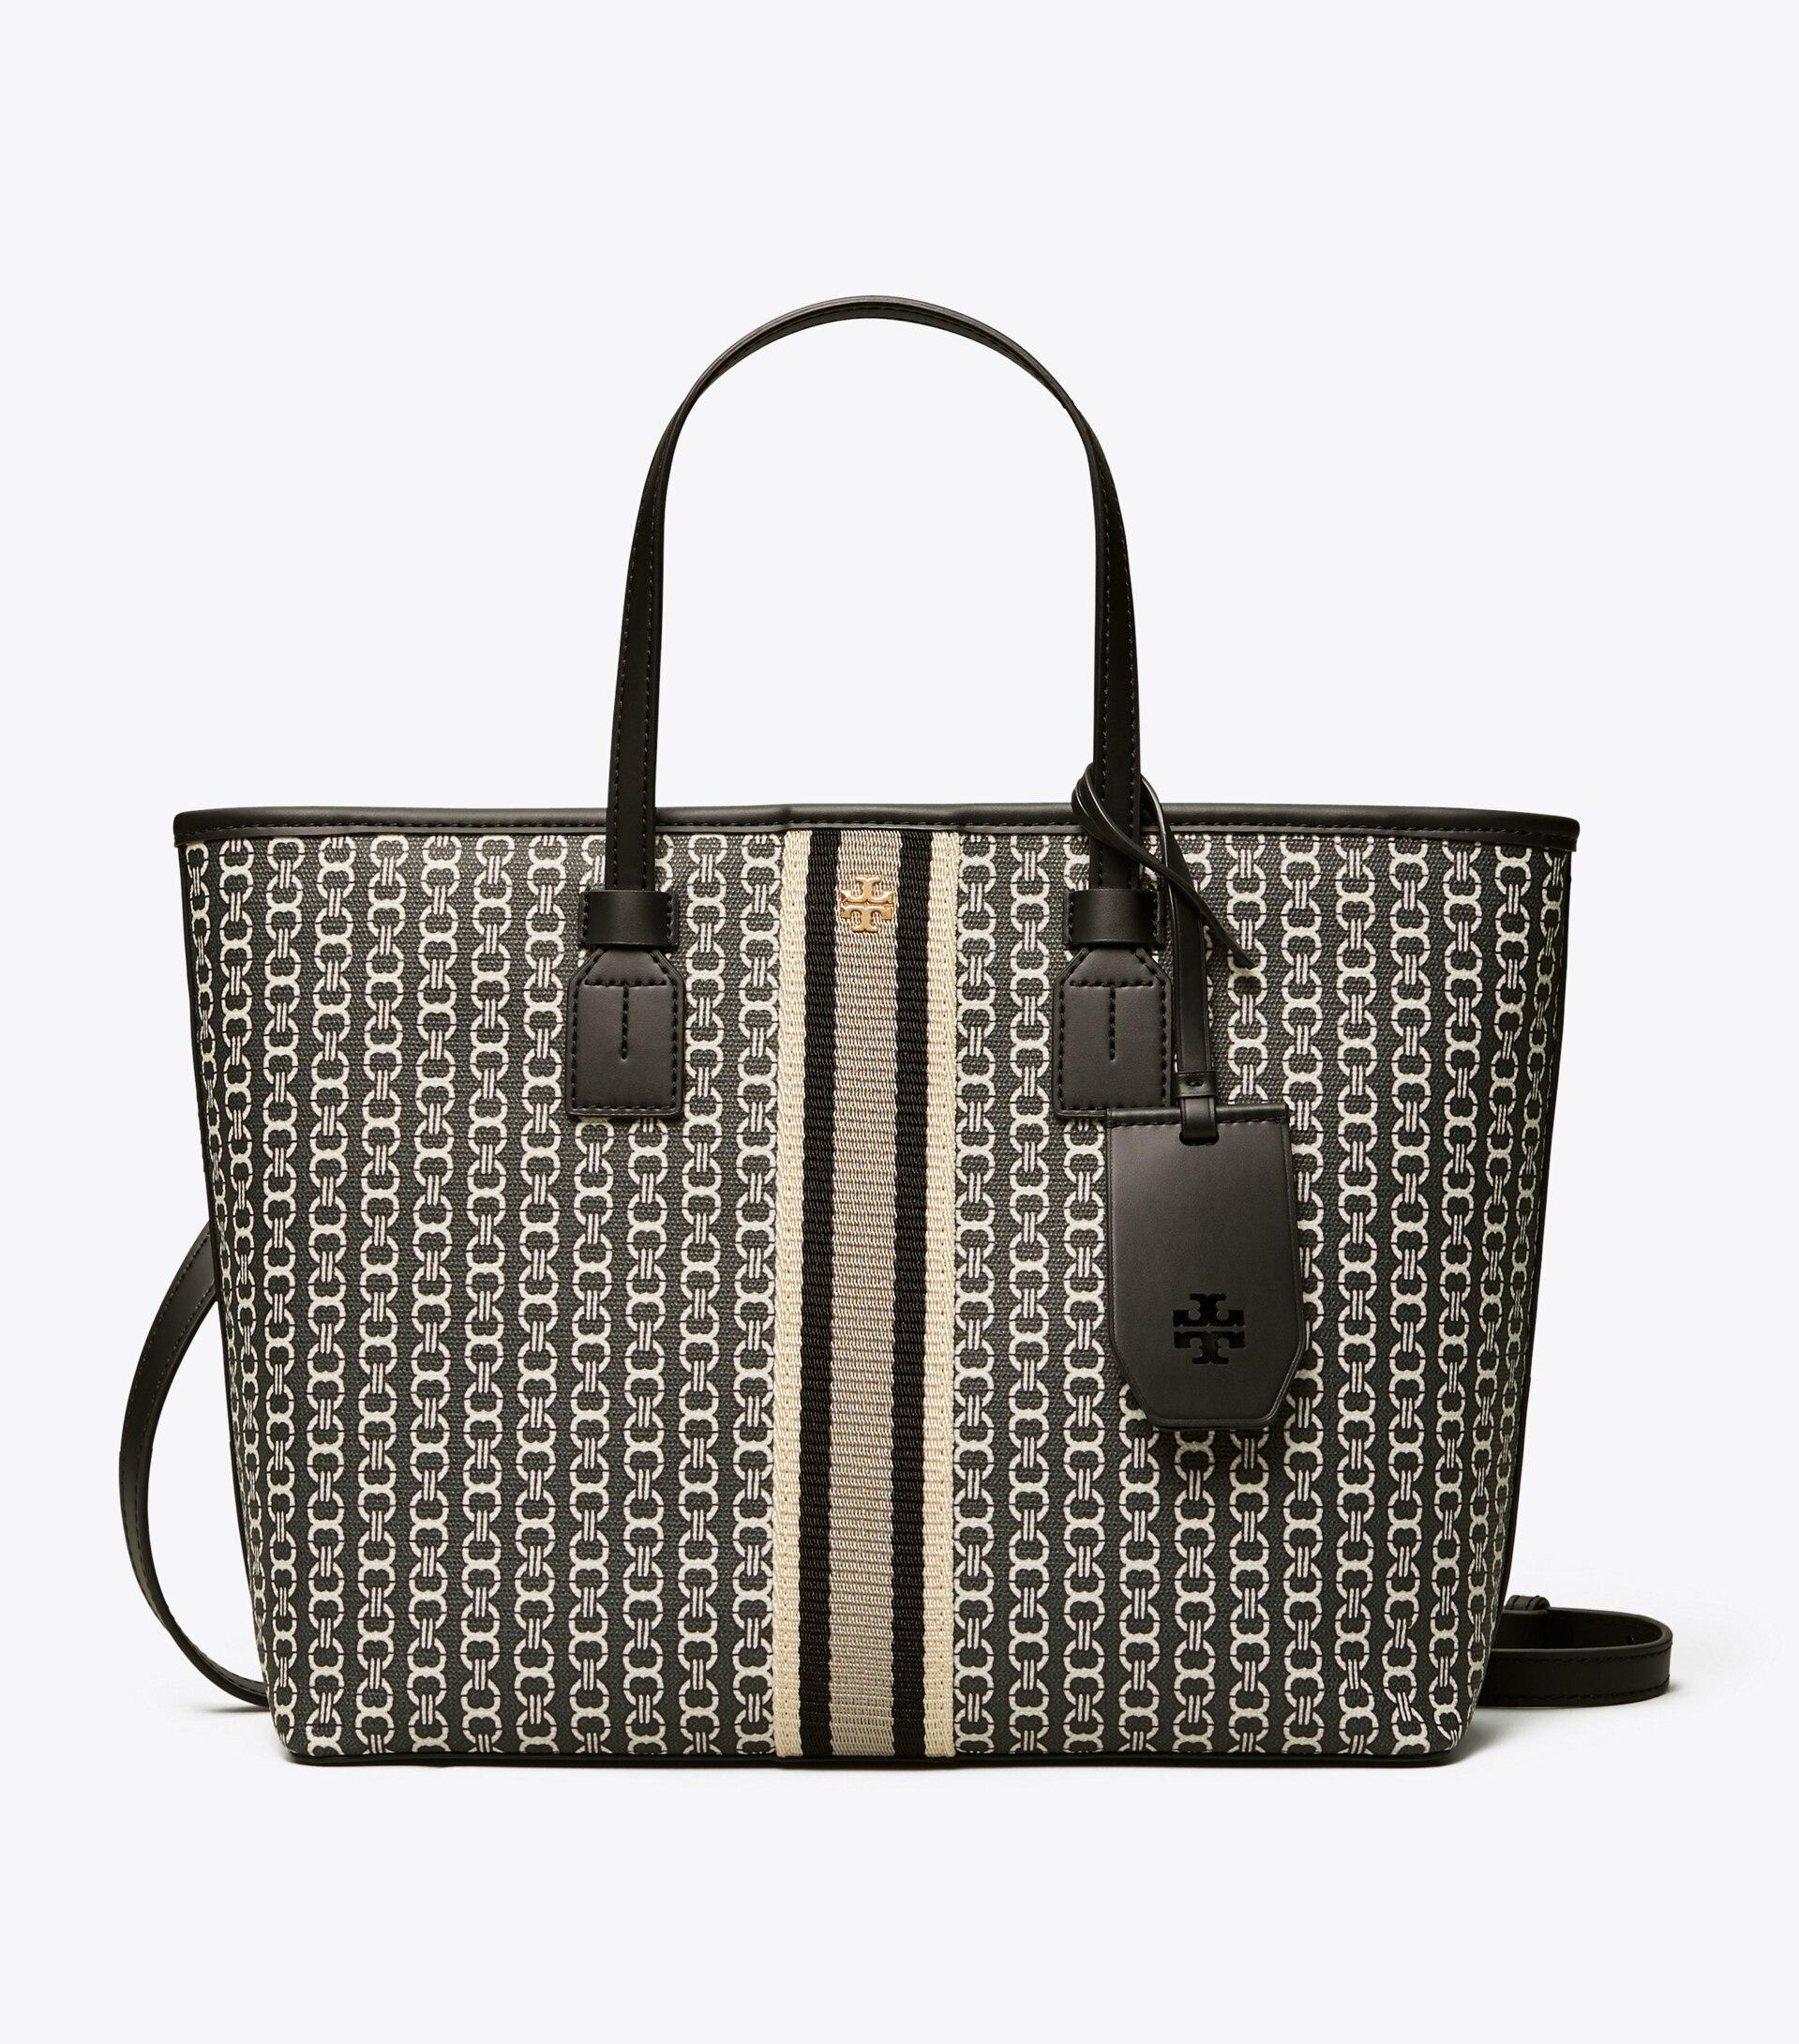 TORY BURCH TB女士小款提花手提包購物袋 53304 2